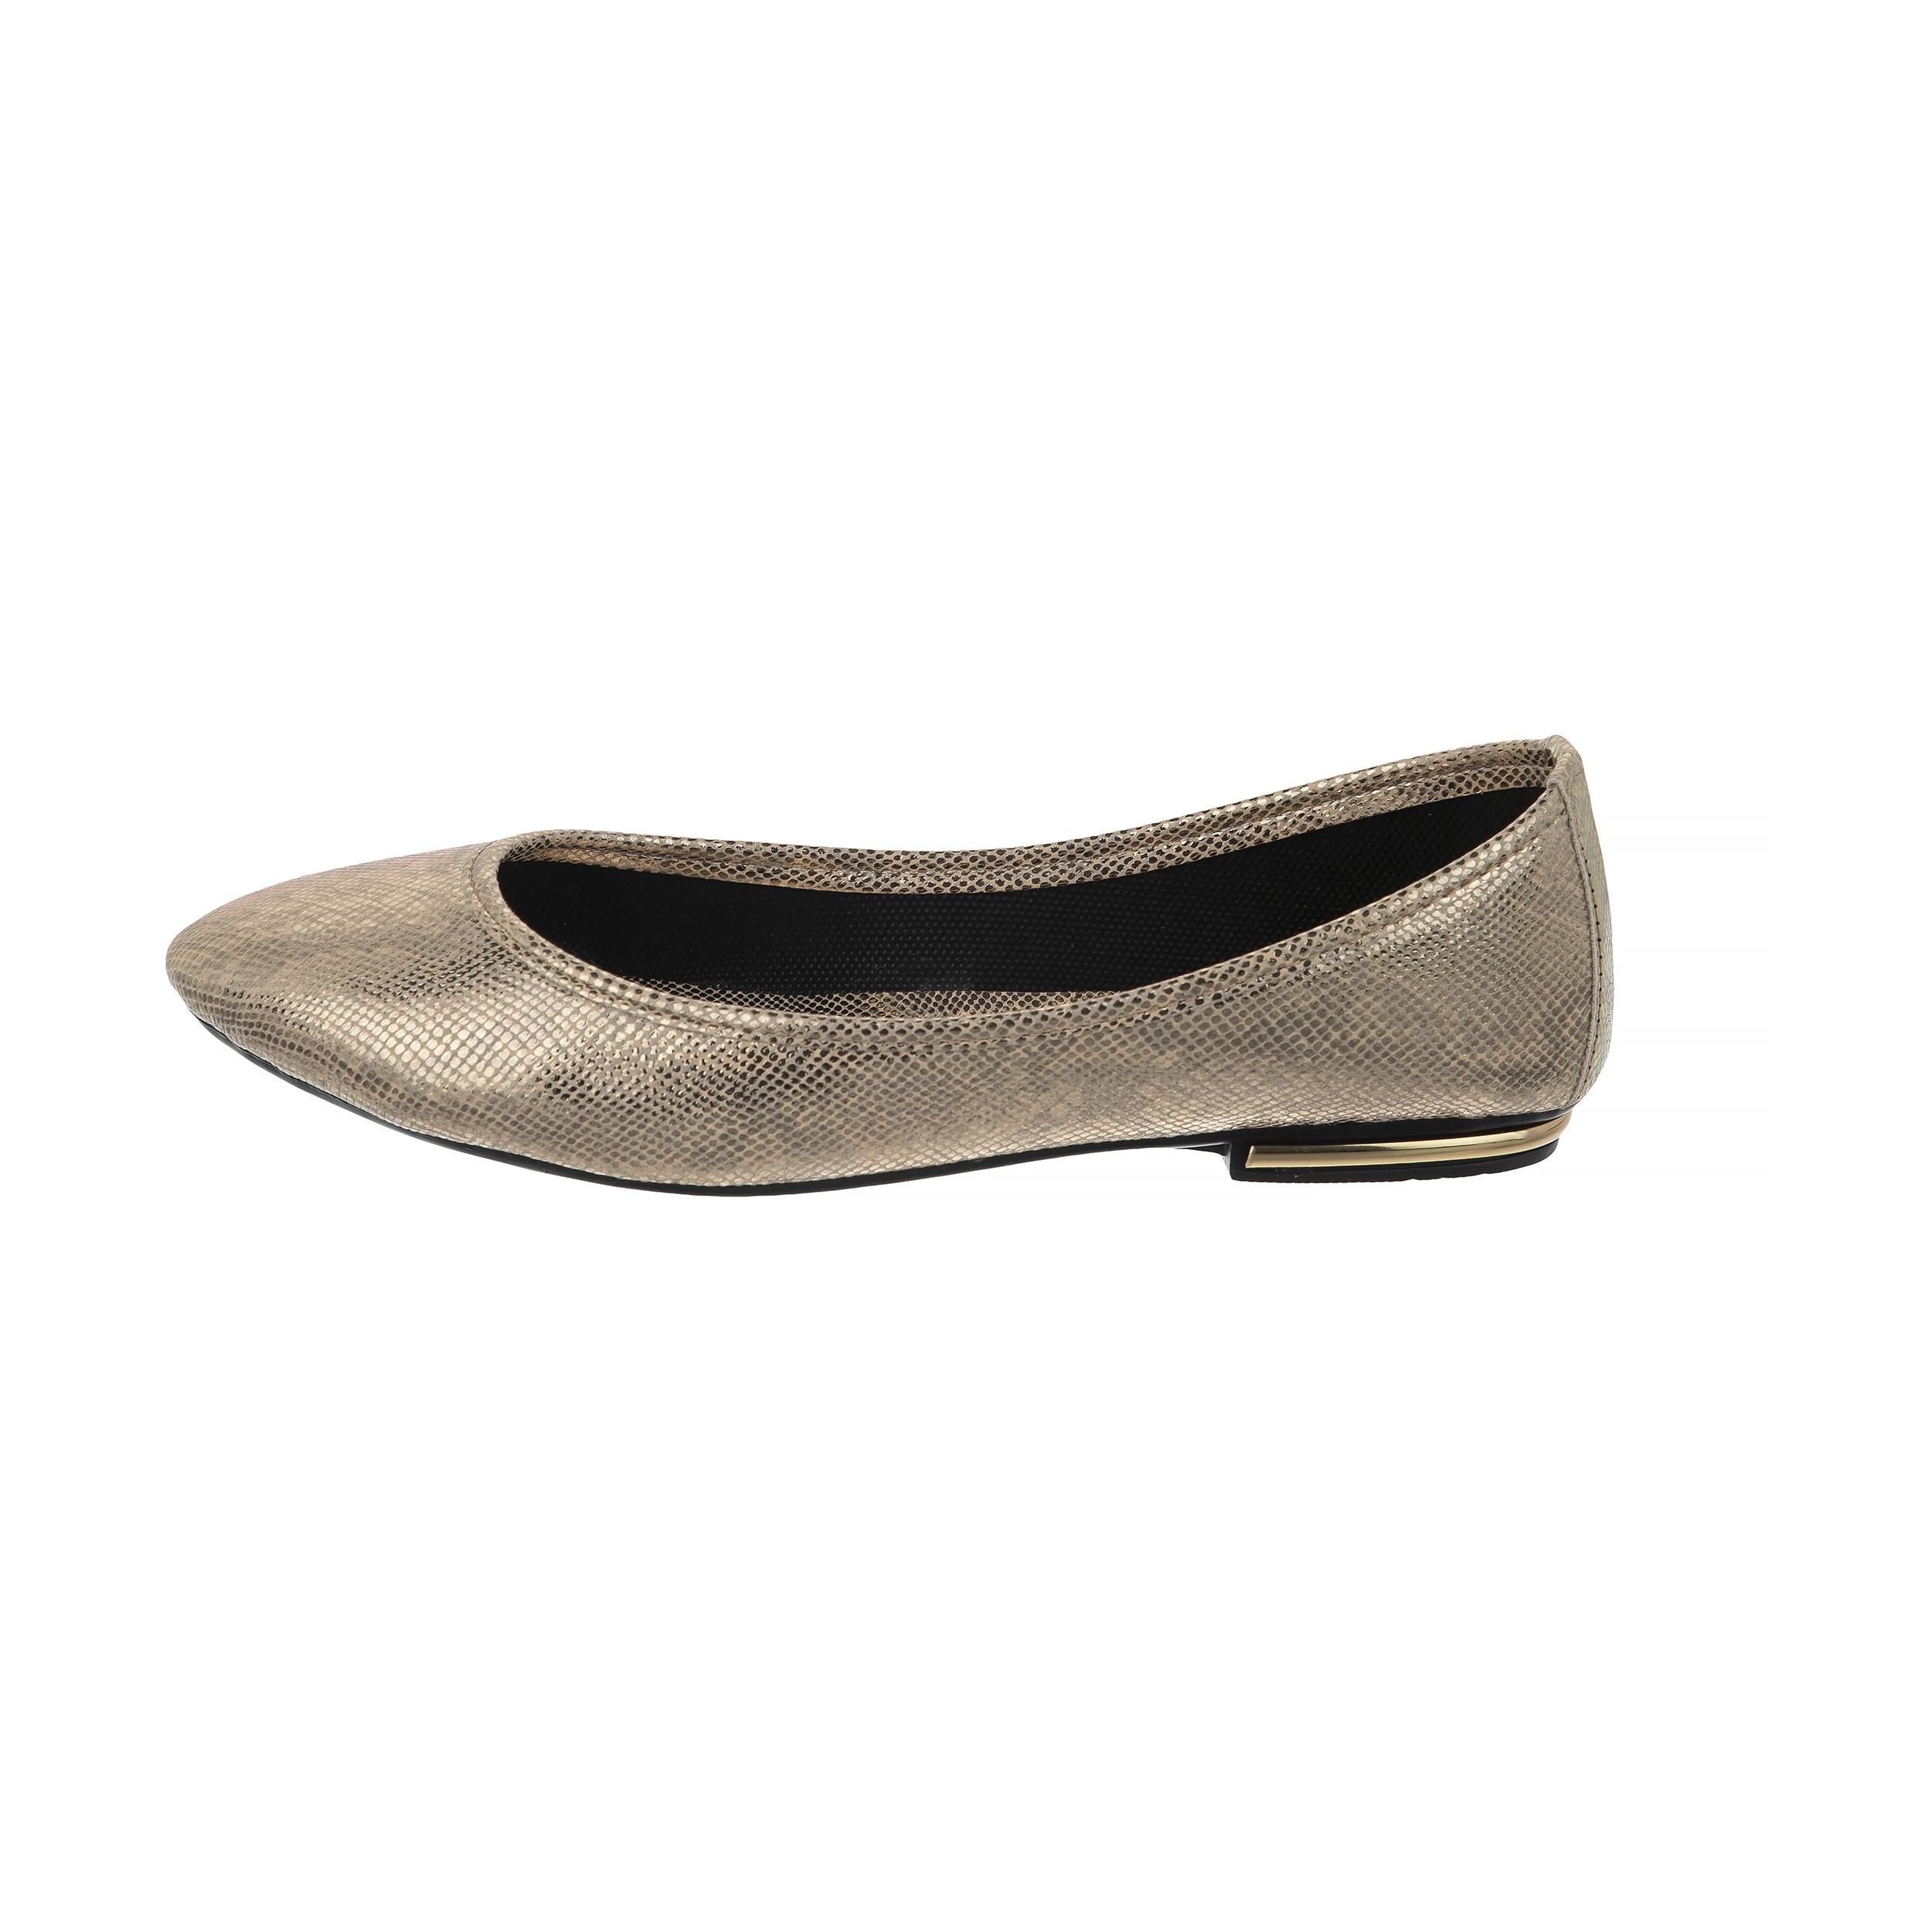 کفش زنانه لبتو مدل 1013-17